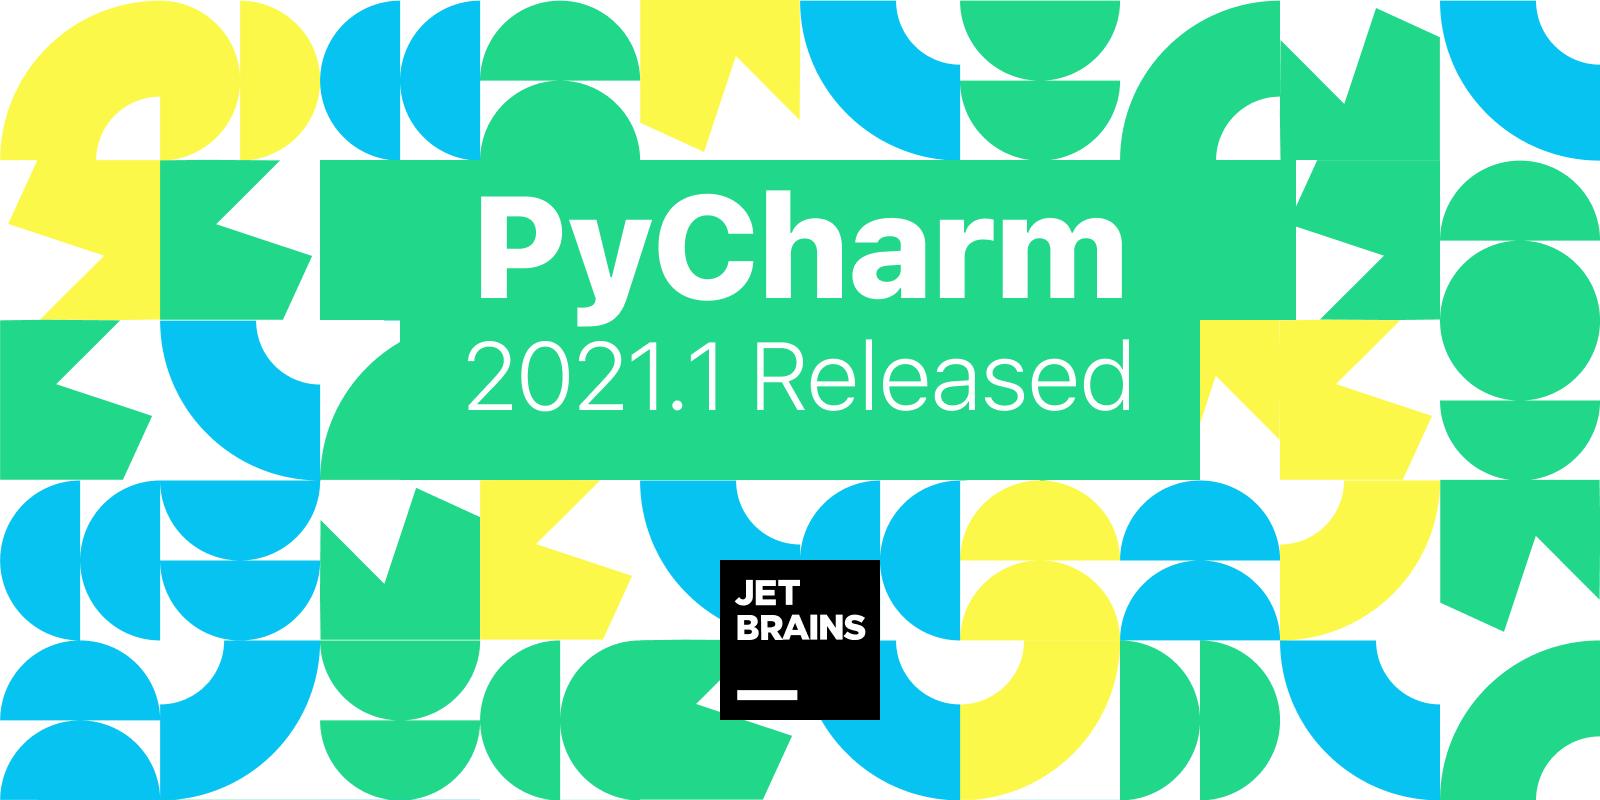 PyCharm-2021-1